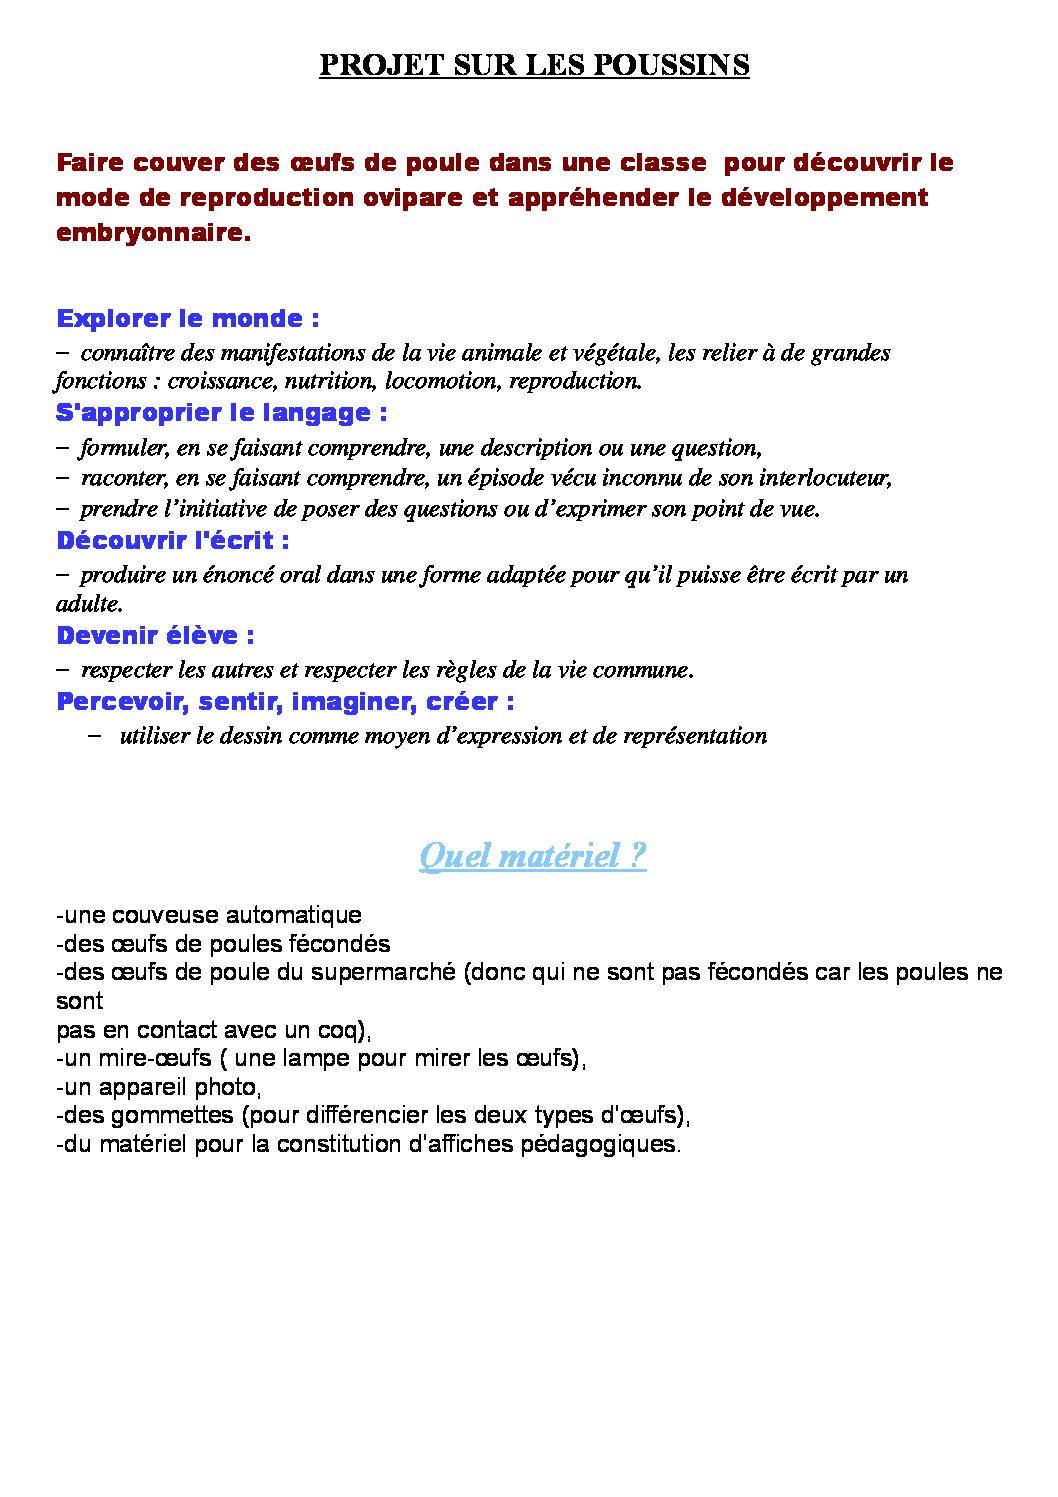 Séquence et cahier individuel d'investigation sur l'oeuf/poule/poussin